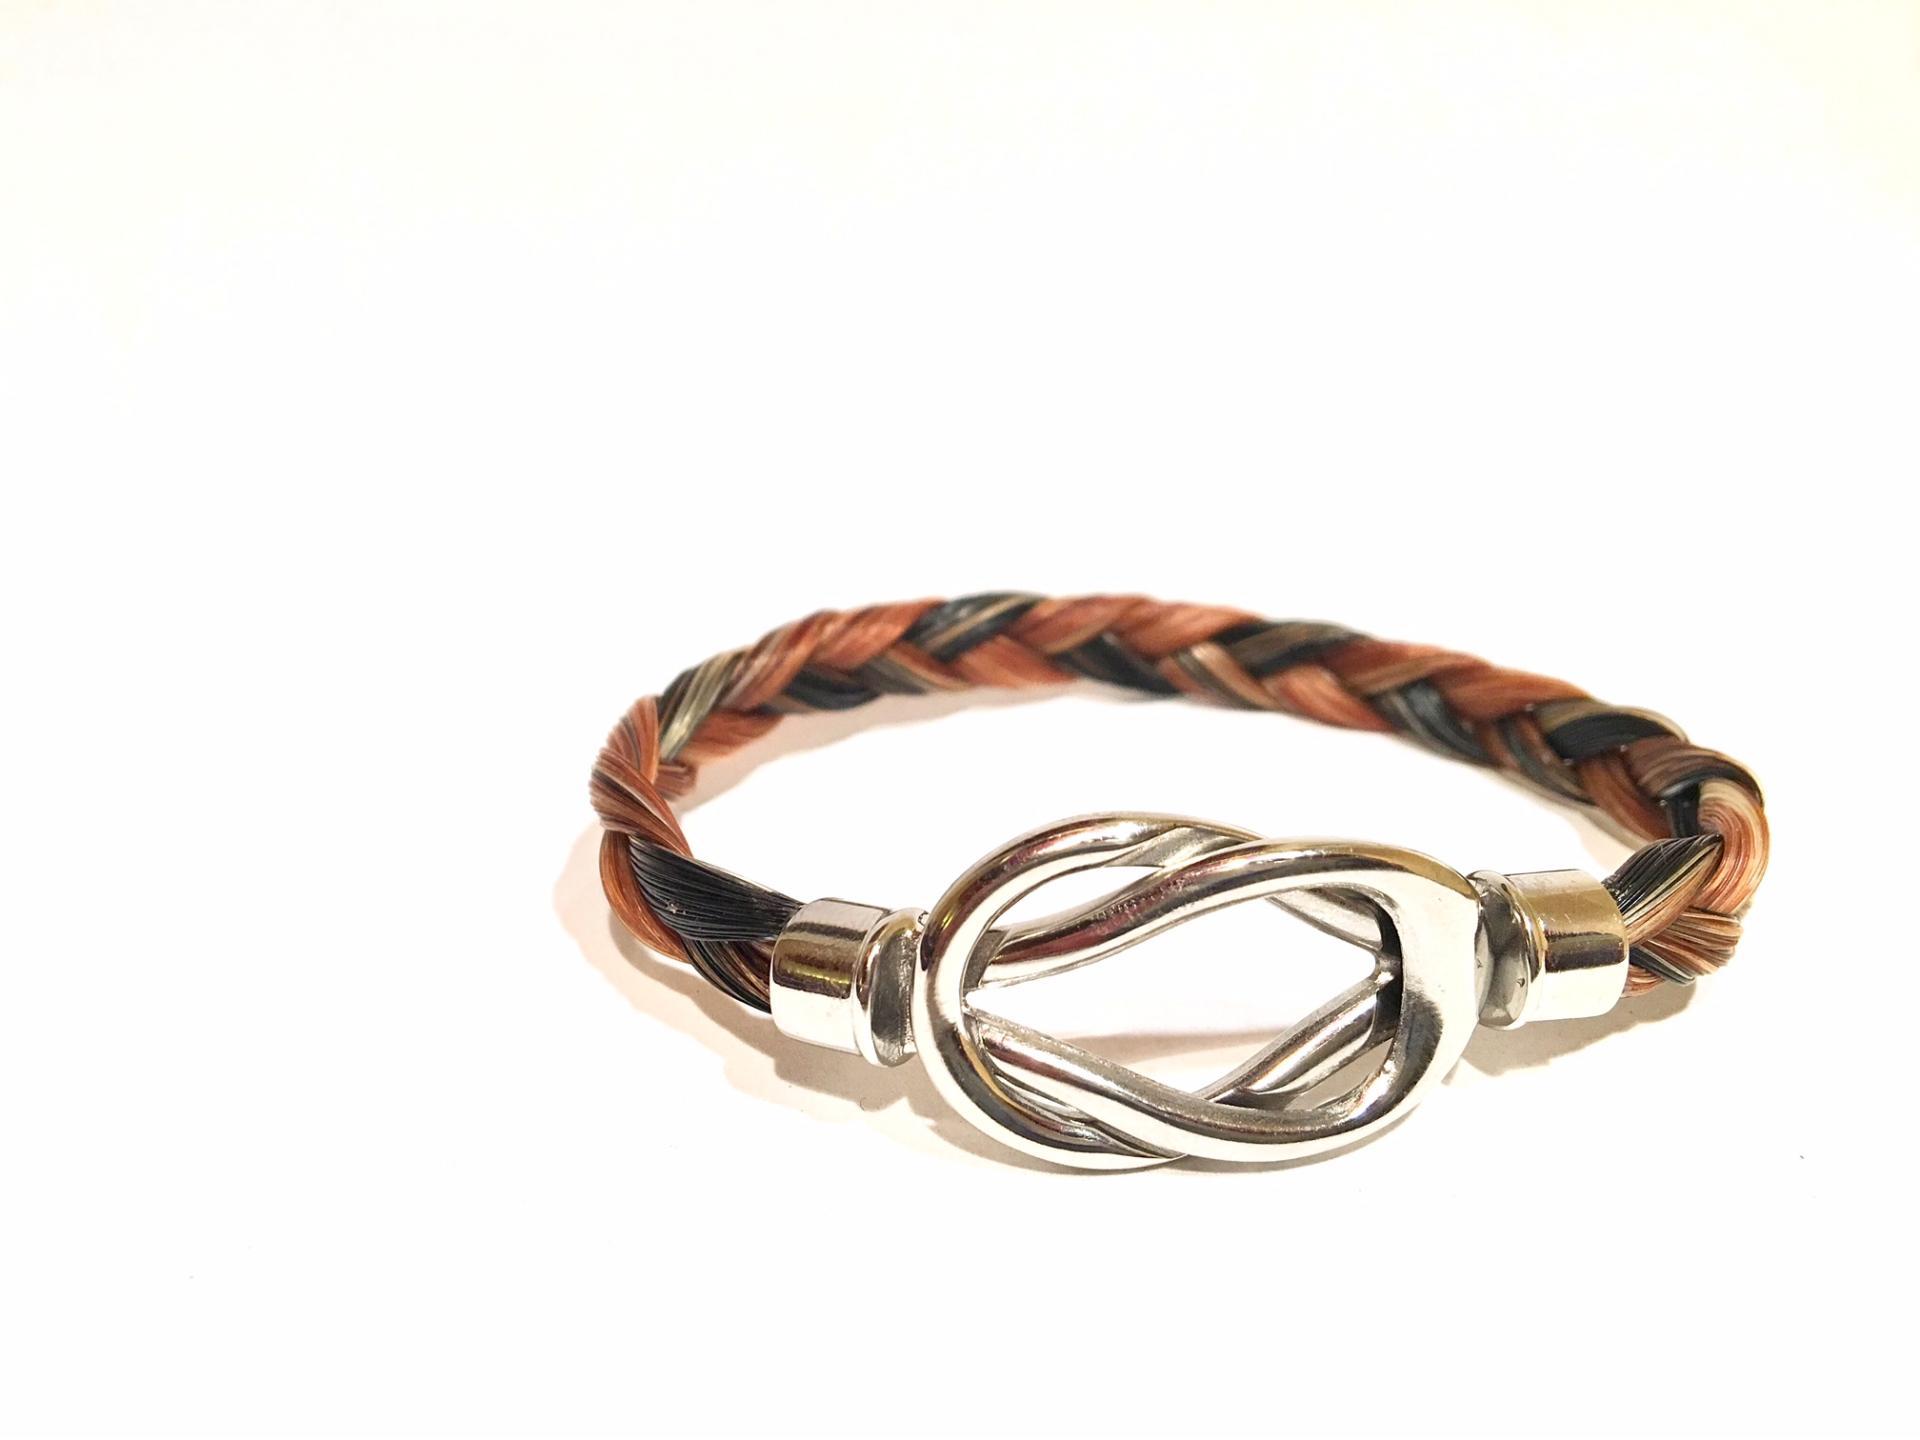 Creation crins cheval bracelet acier inoxydable infini anneau noeud boucle noir marron